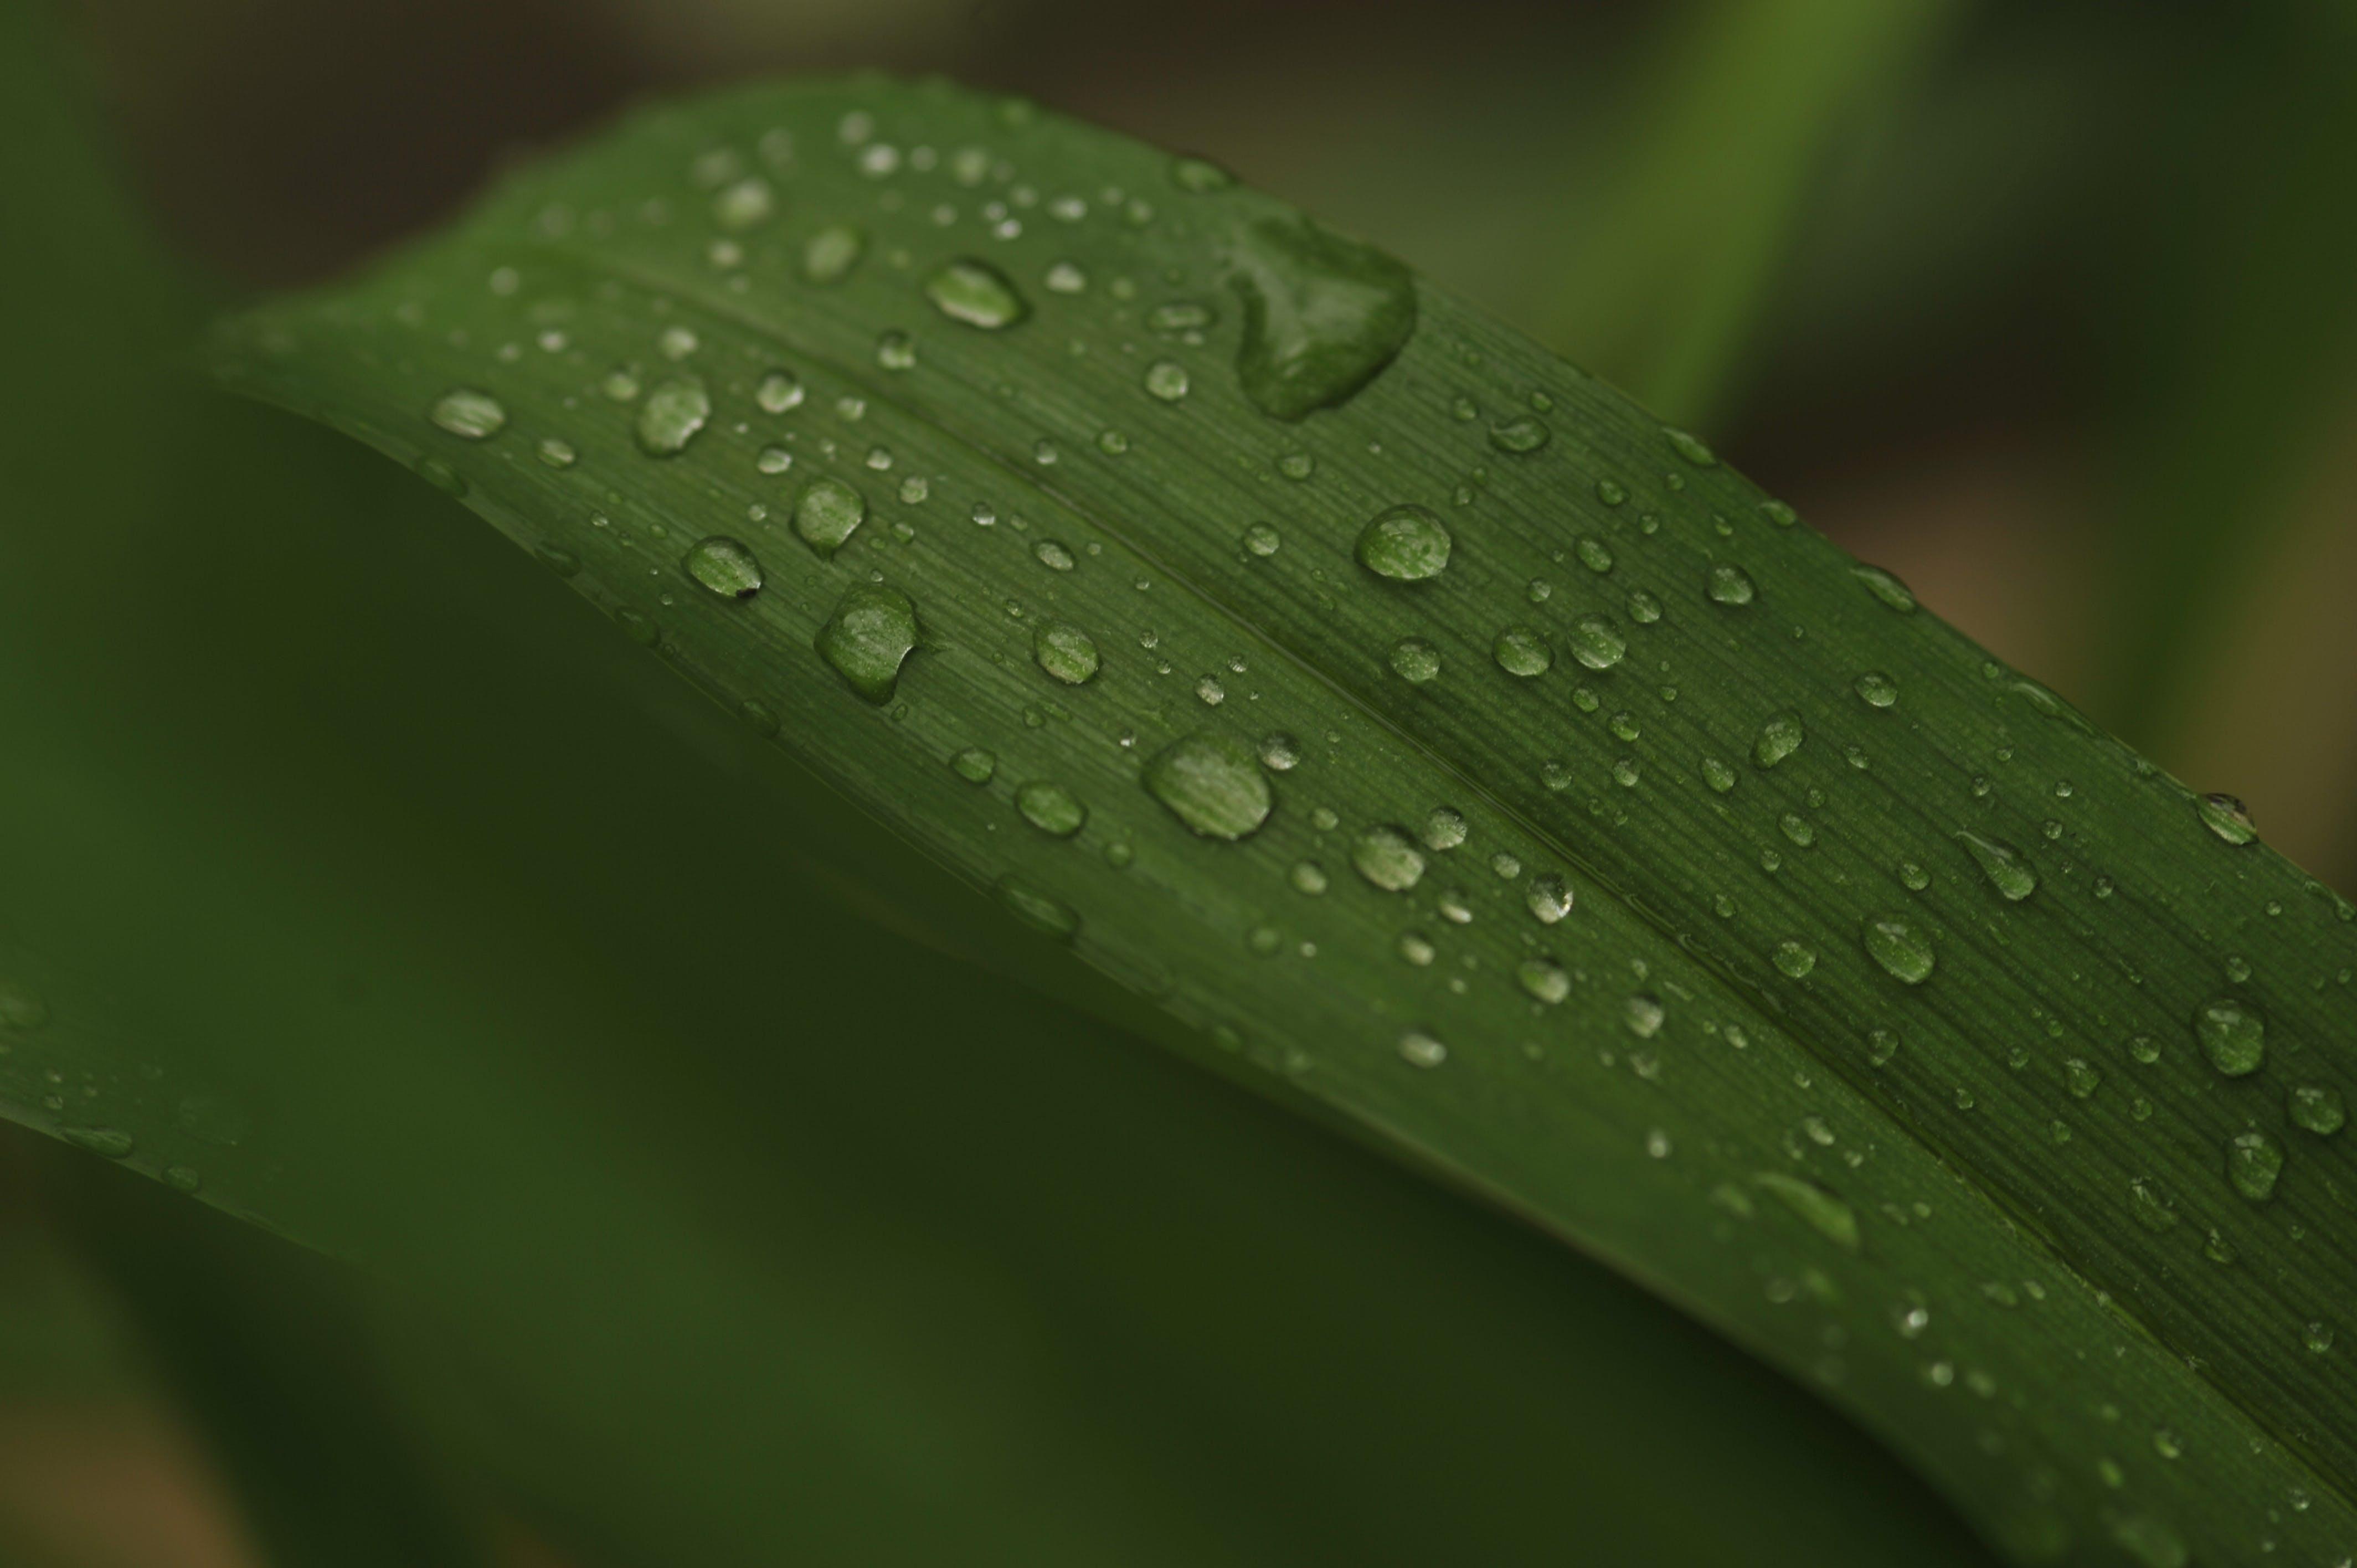 คลังภาพถ่ายฟรี ของ การเจริญเติบโต, ความบริสุทธิ์, ความสด, น้ำ